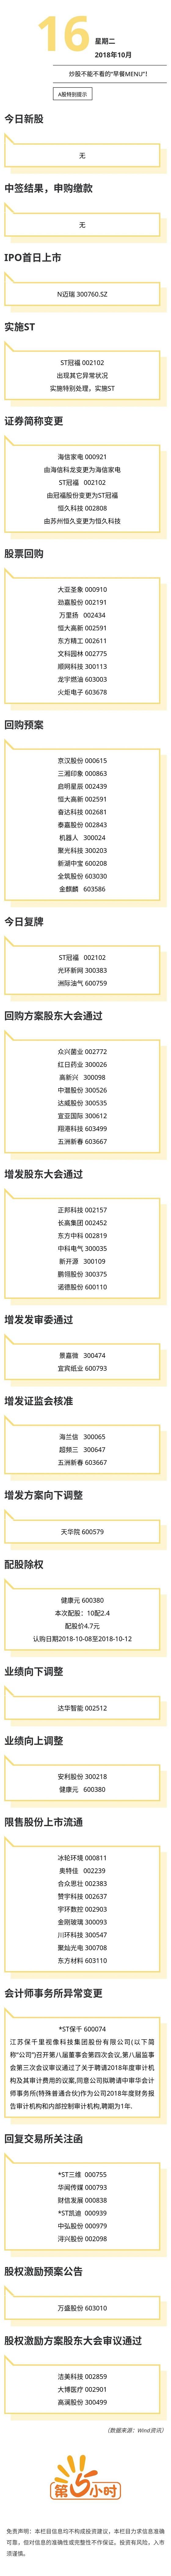 A股特别提示(2018-10-16).jpg